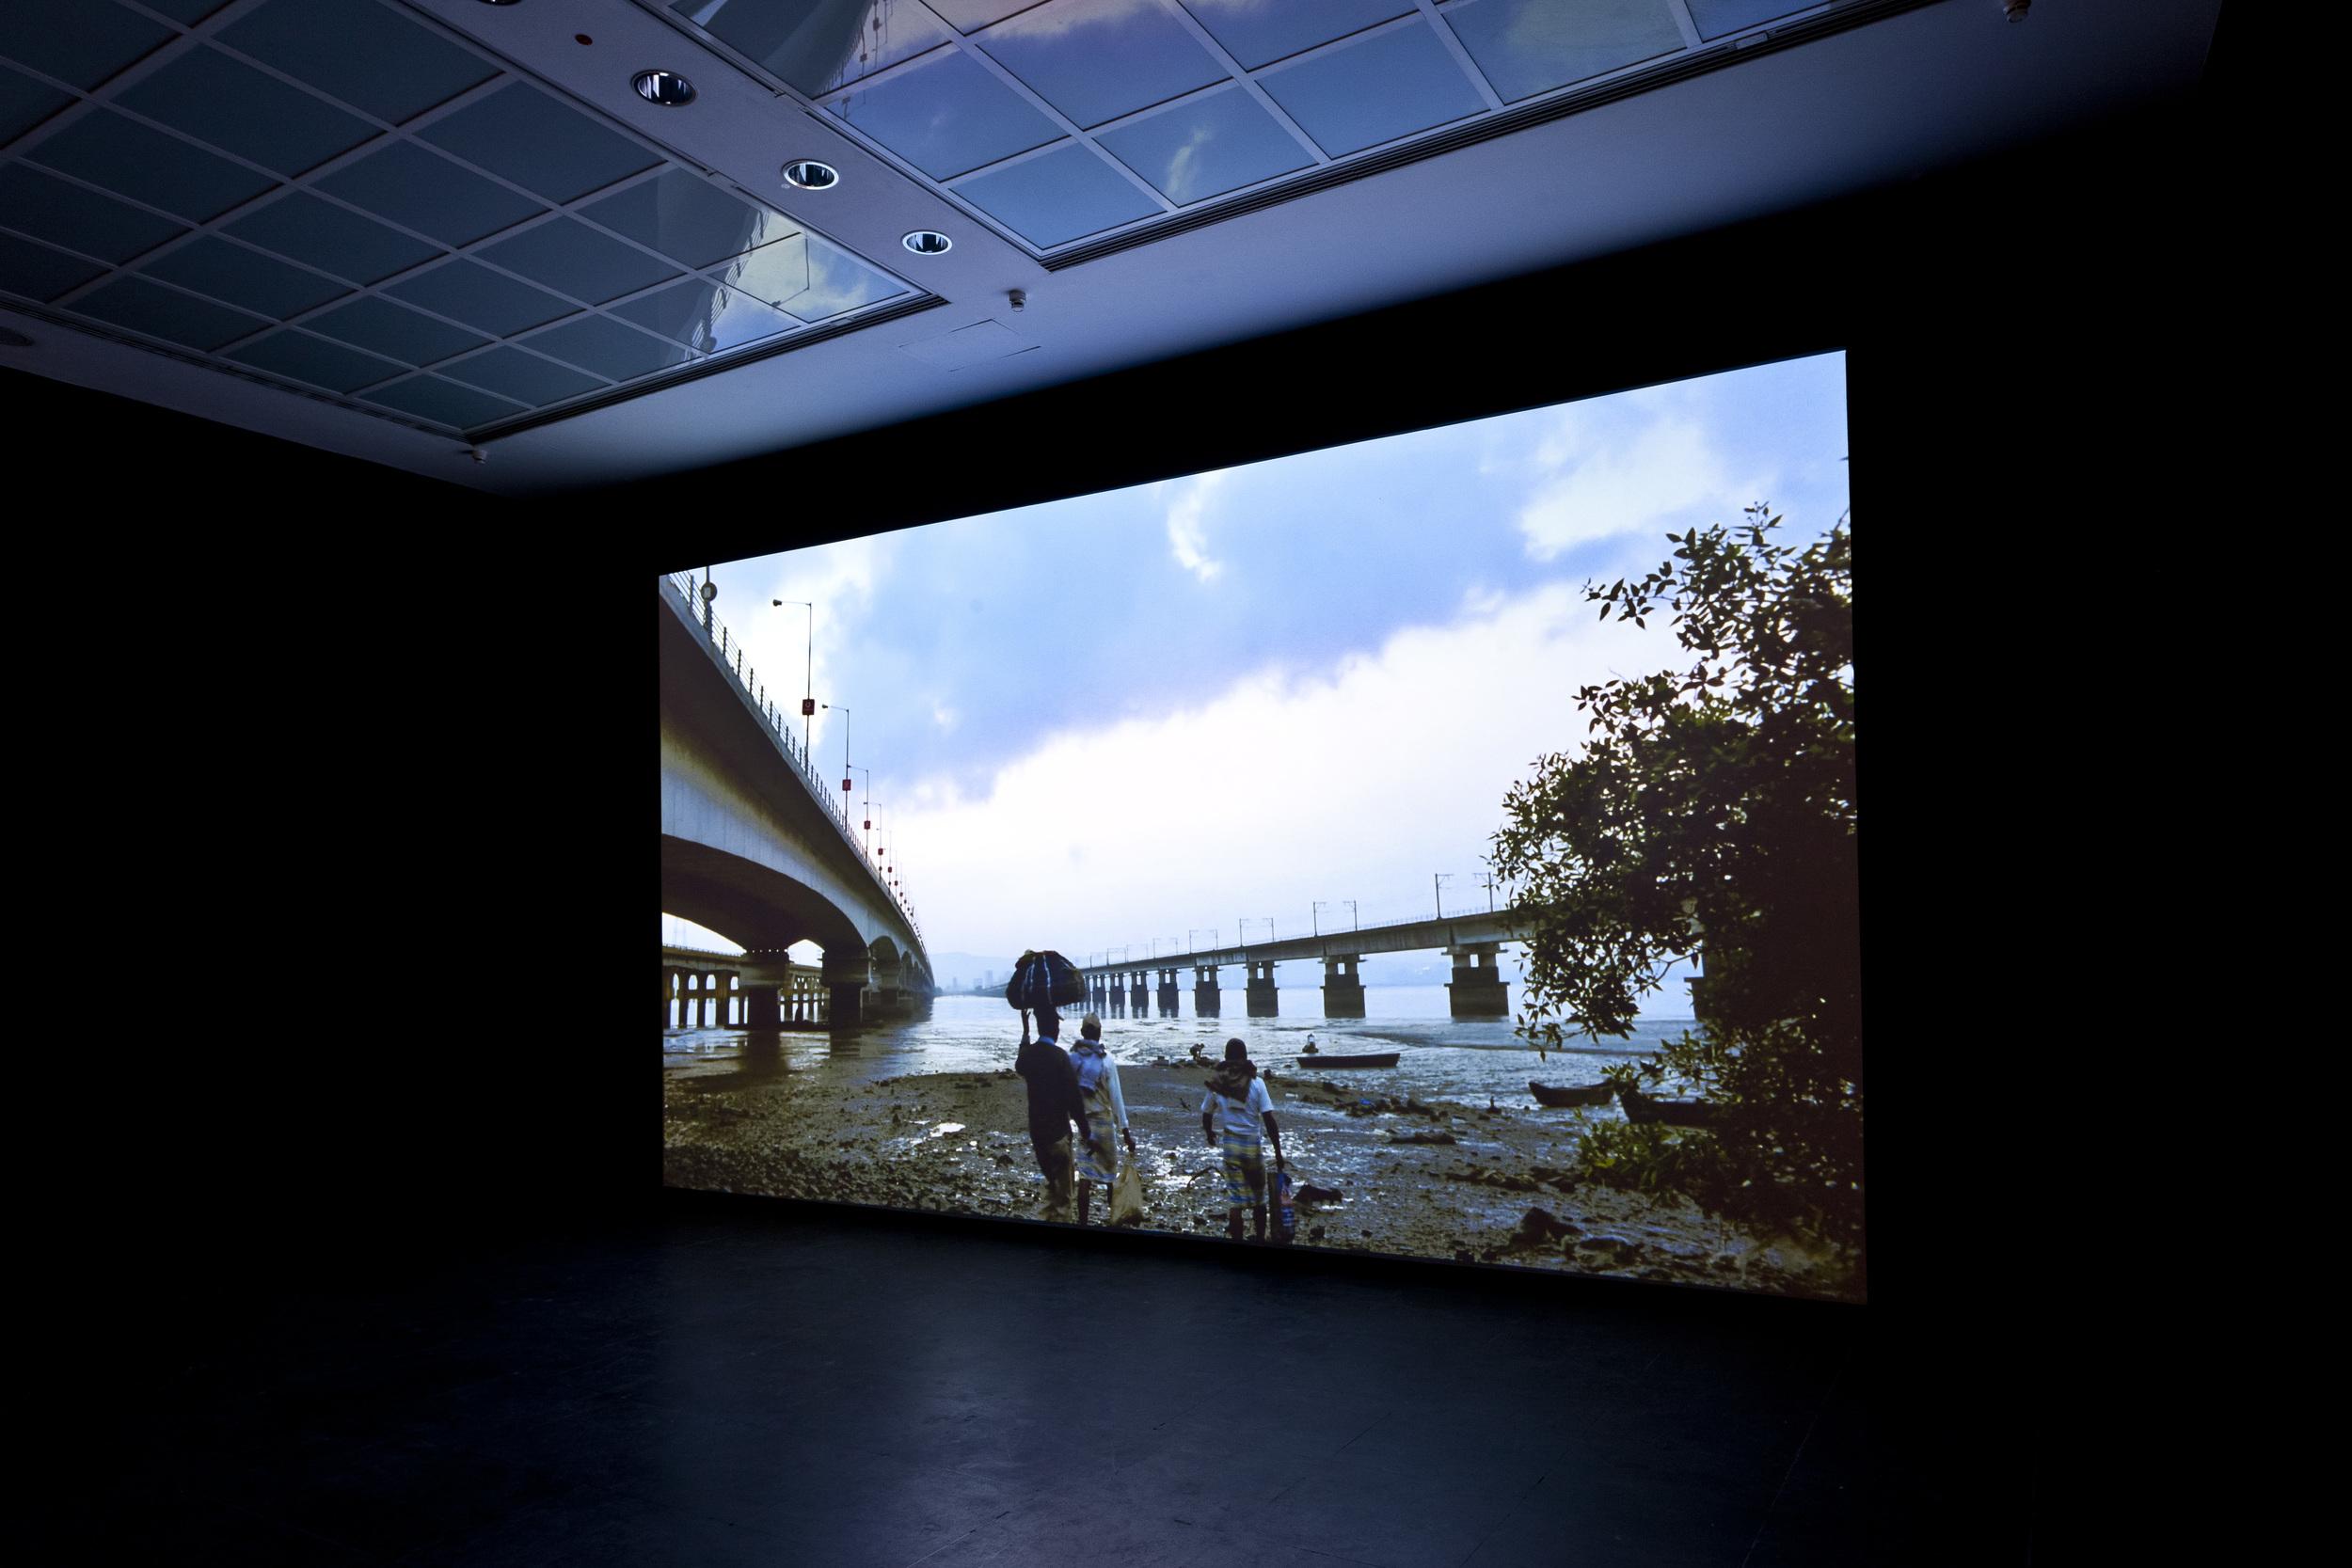 Pfeifer_A_FORMAL_FILM_IN_NINE_EPISODES_ Installationsansicht_Foto_Norbert_Miguletz_6.JPG